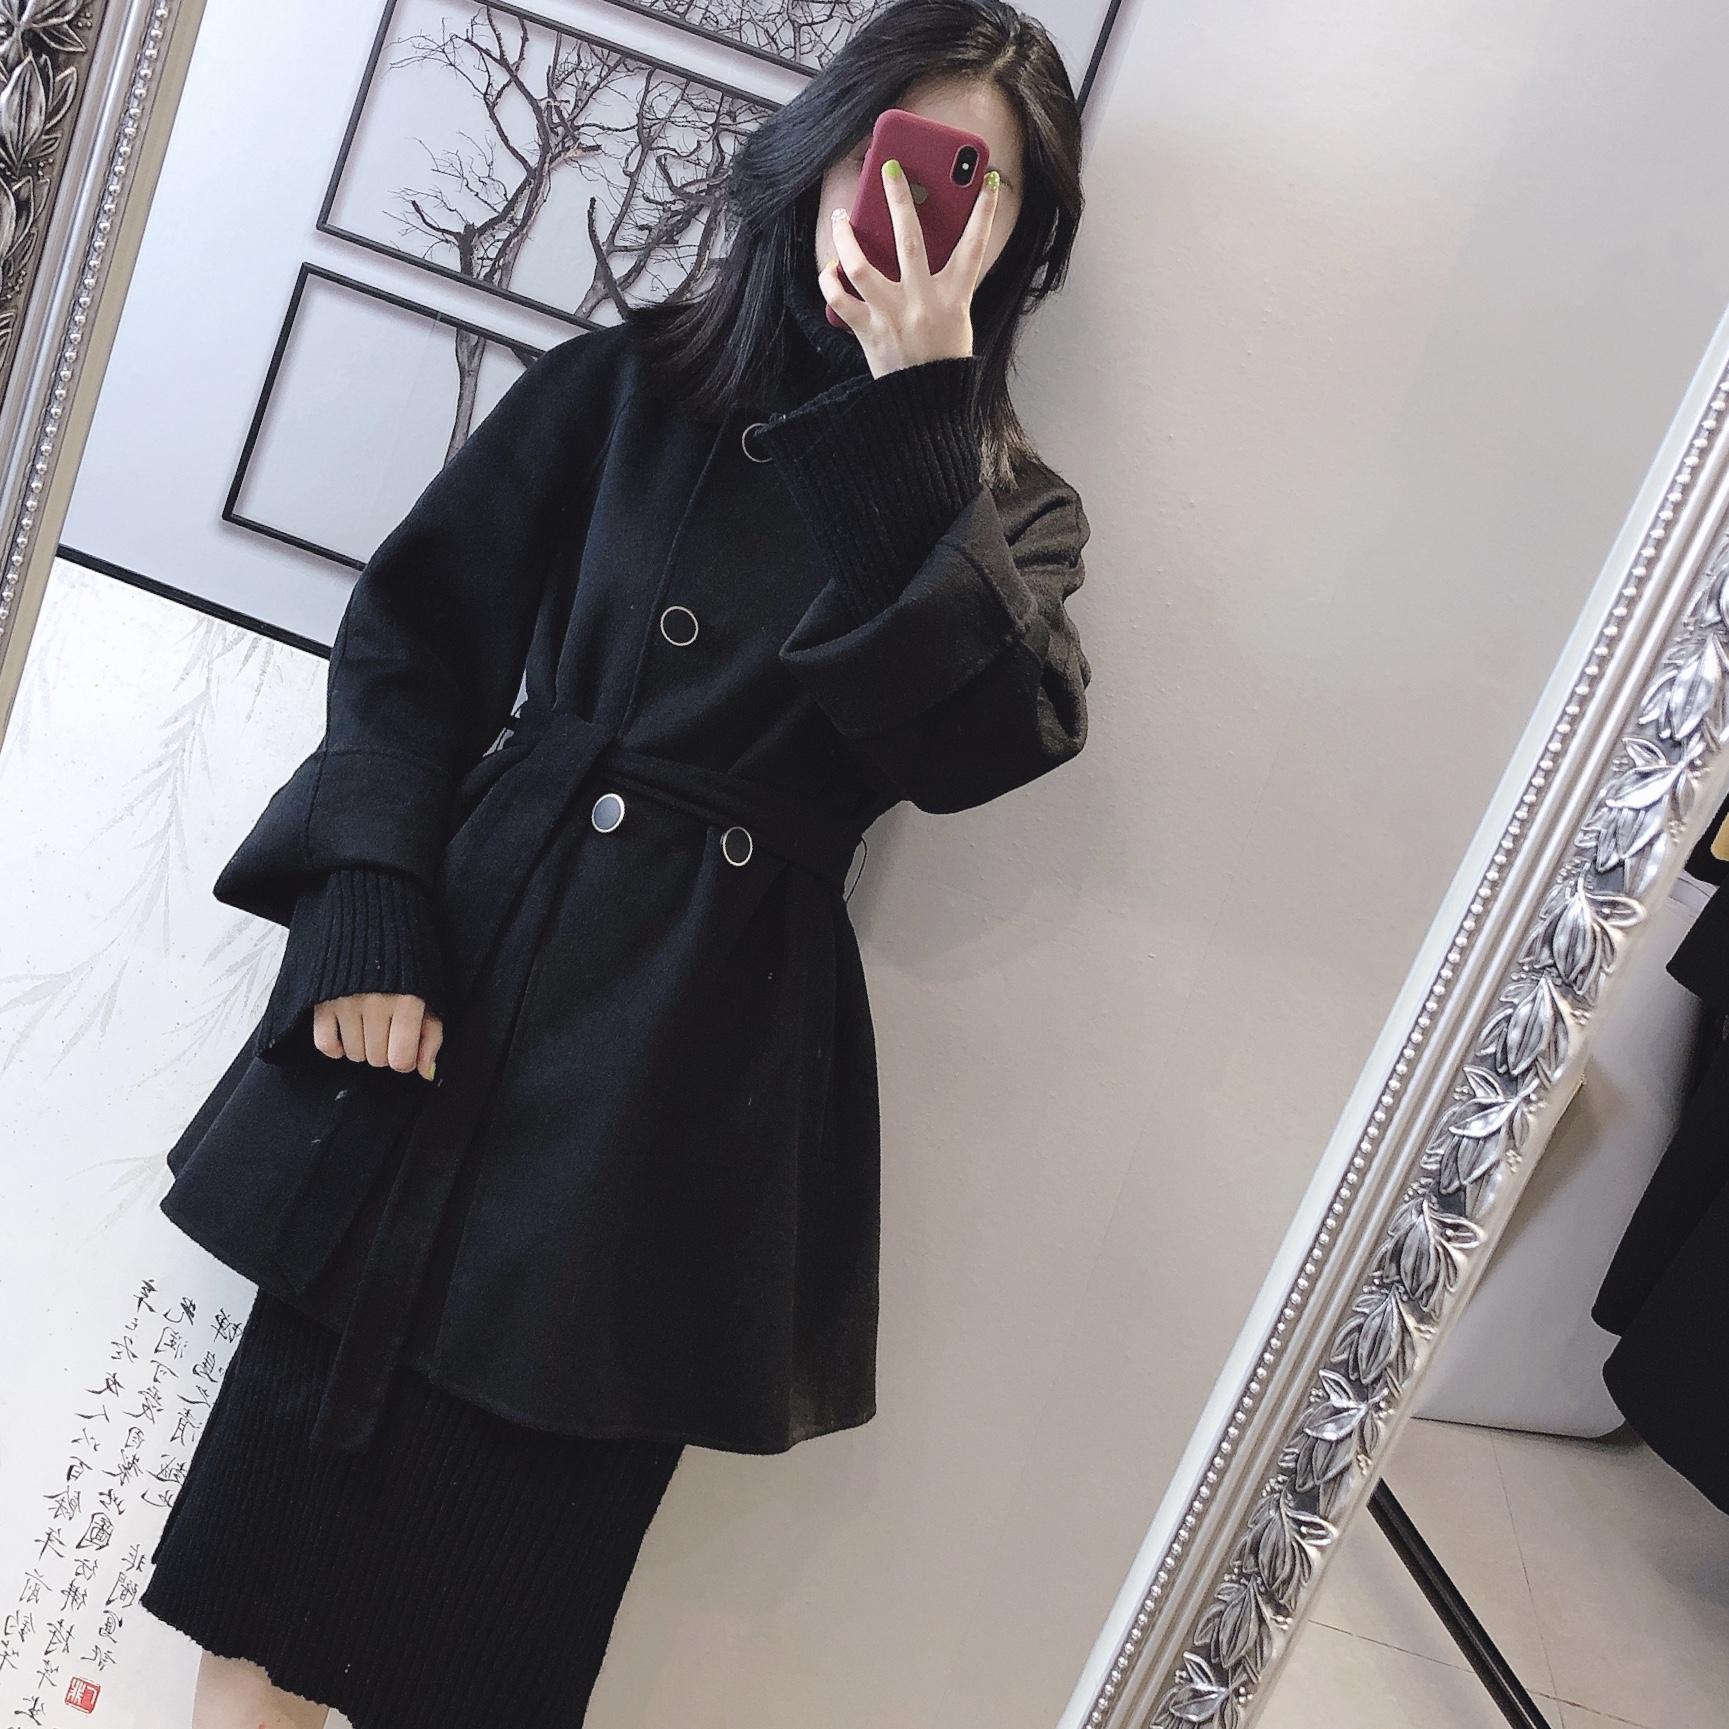 反季清仓黑色2019双排扣手工大衣外套羊绒双面短款特价毛呢斗篷女